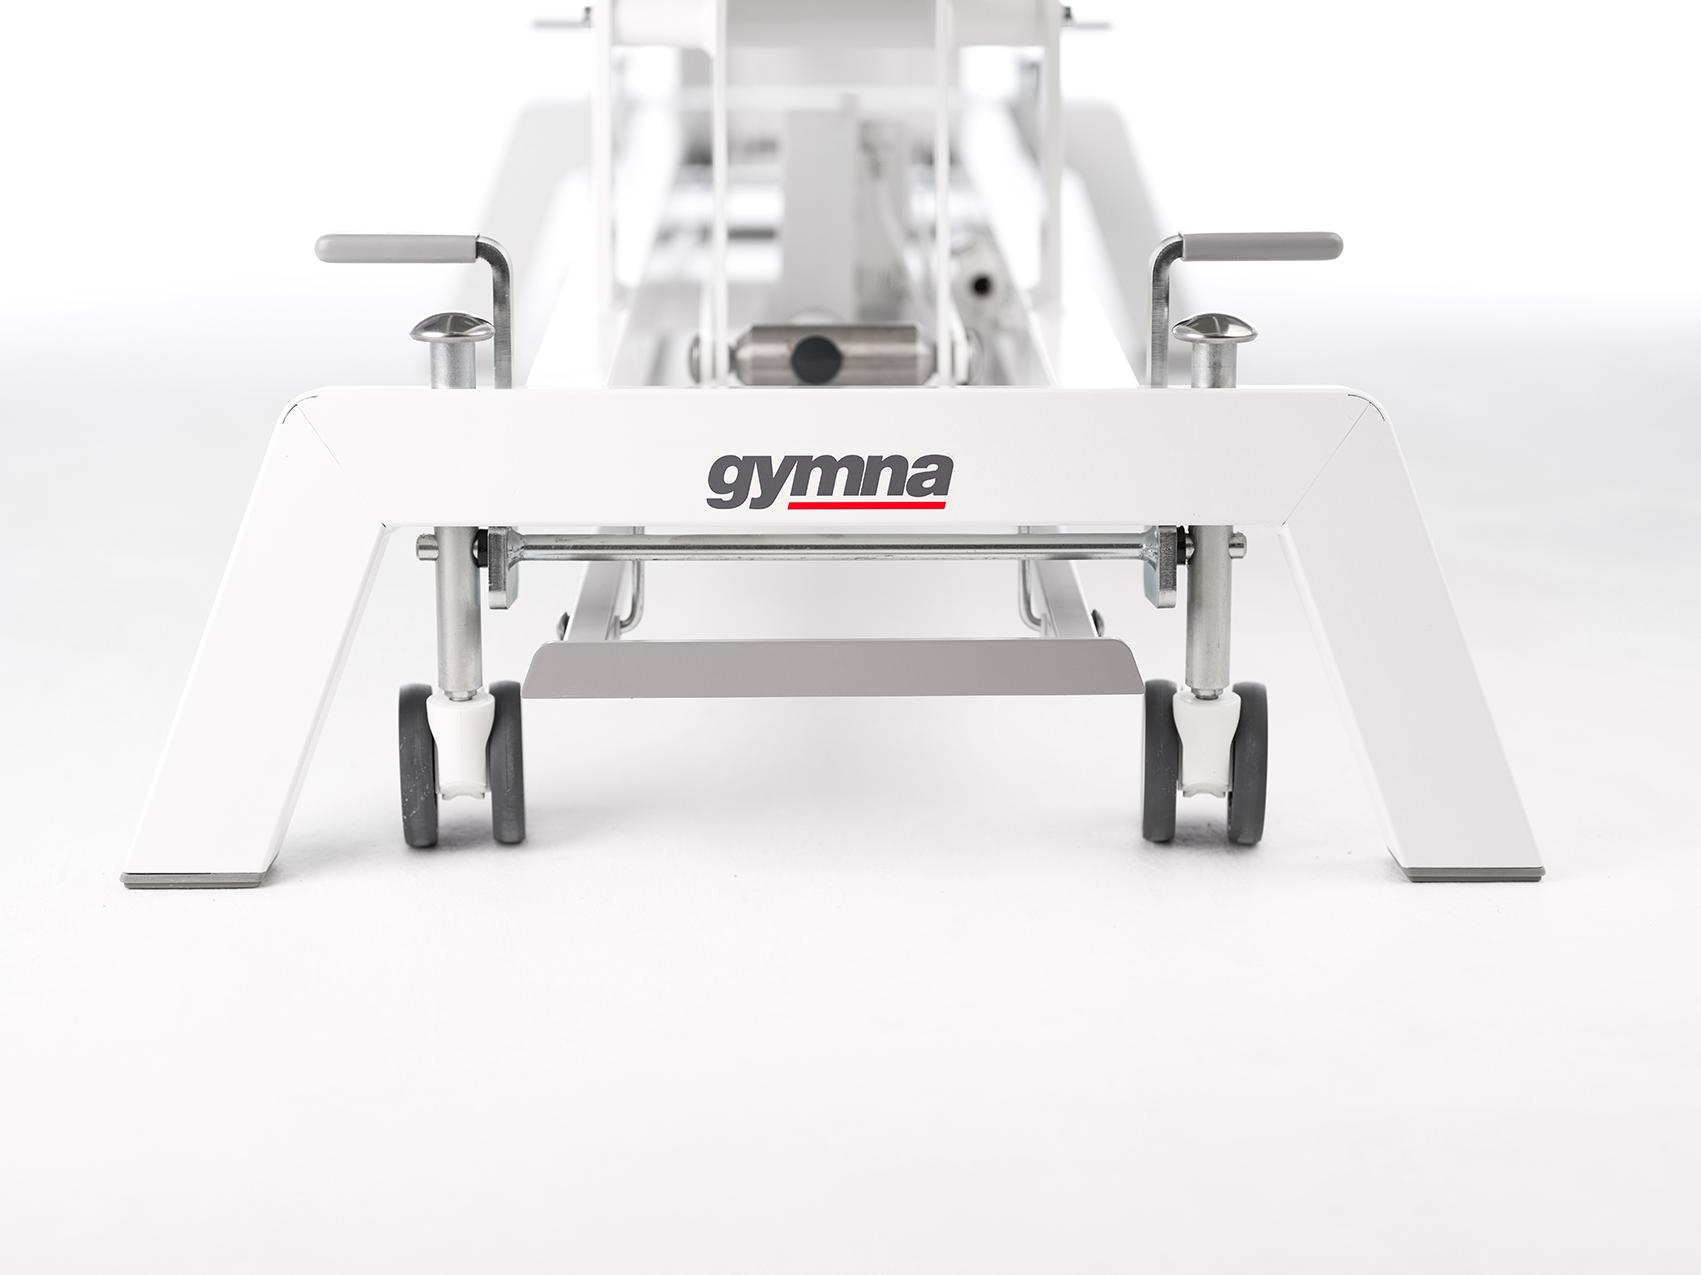 Das Untergestell der neuen gymna.GO Serie - schmal und dennoch stabil